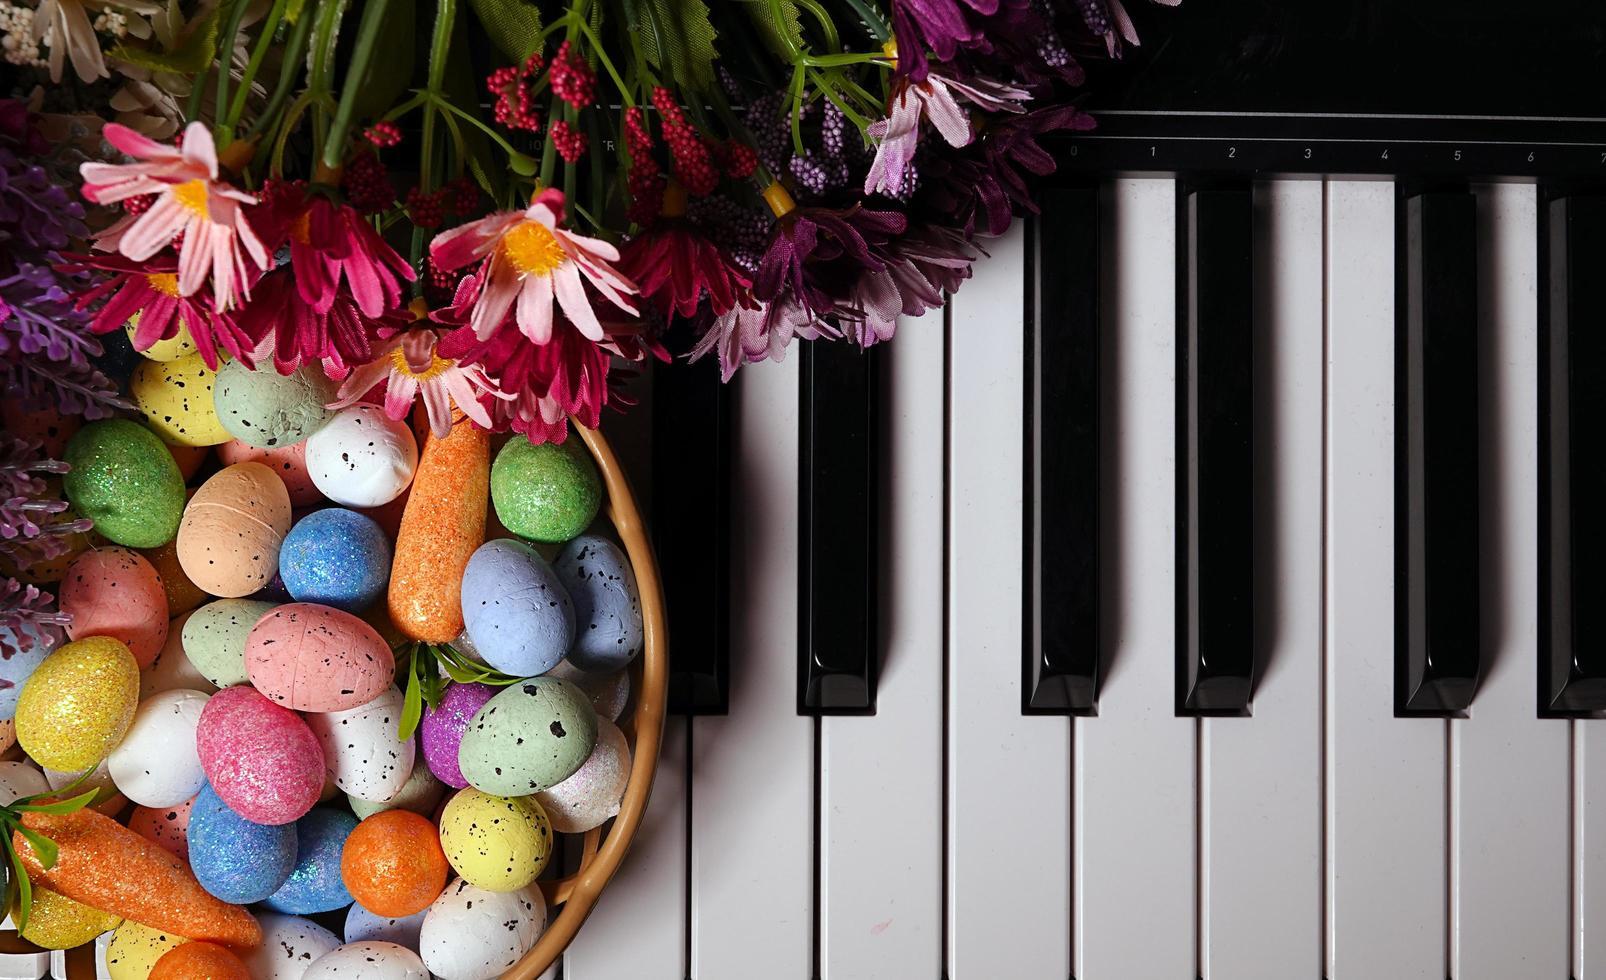 huevos de pascua pascual y teclas de piano y flores foto